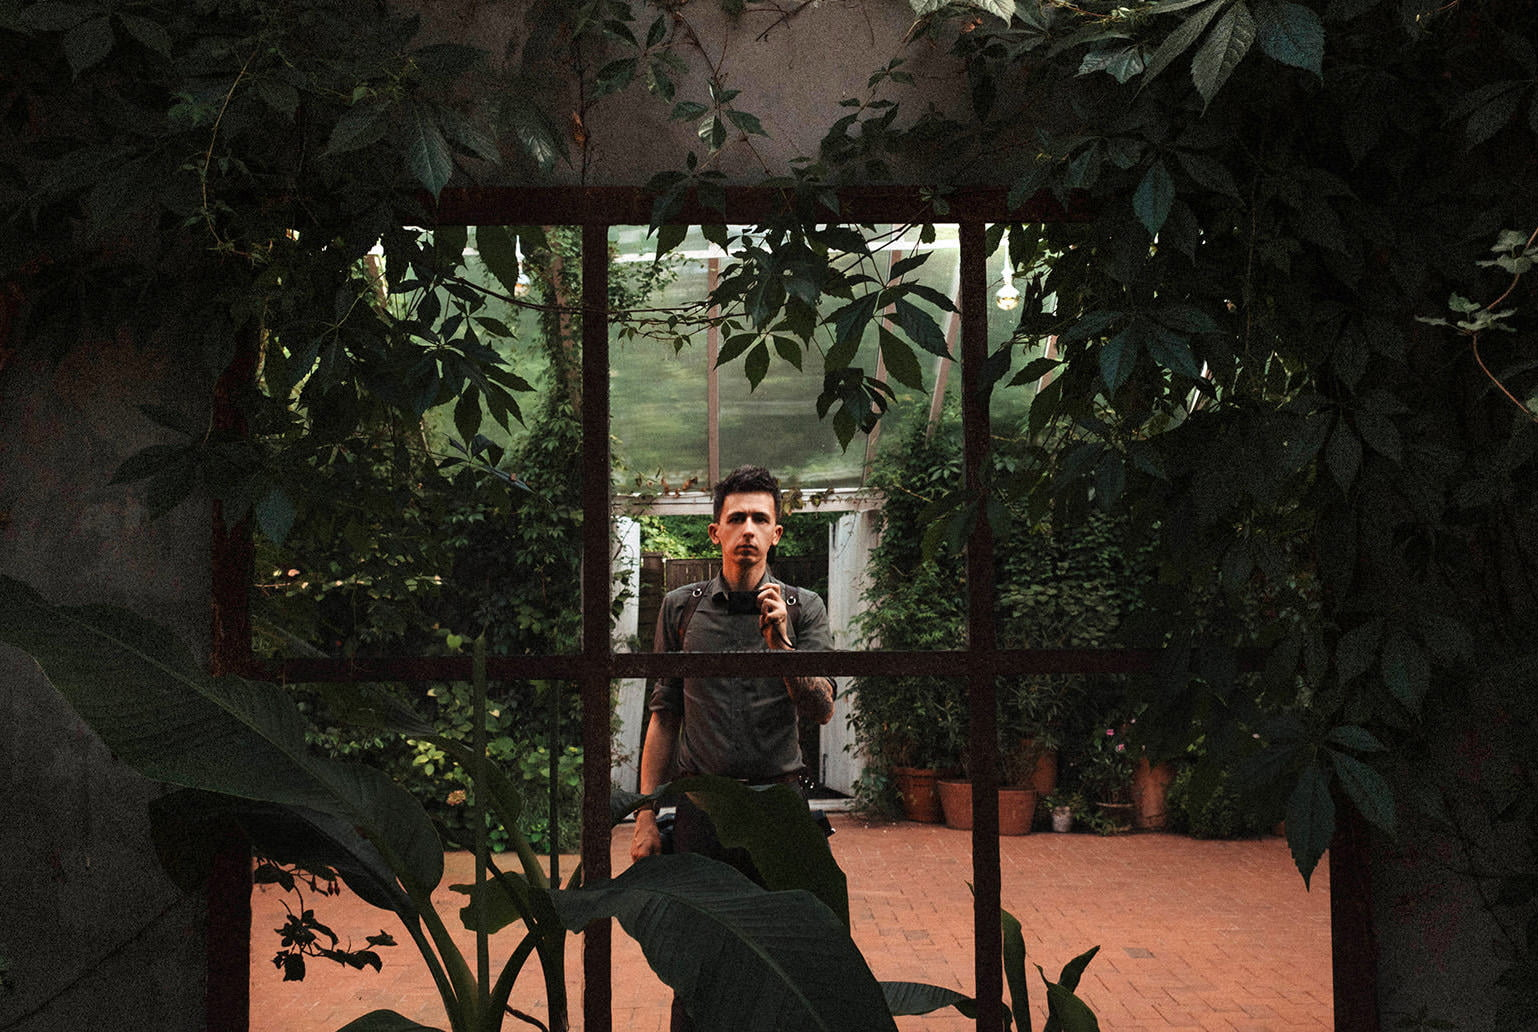 fotograf ślubny z aparatem z the Snap Shots fotografia ślubna